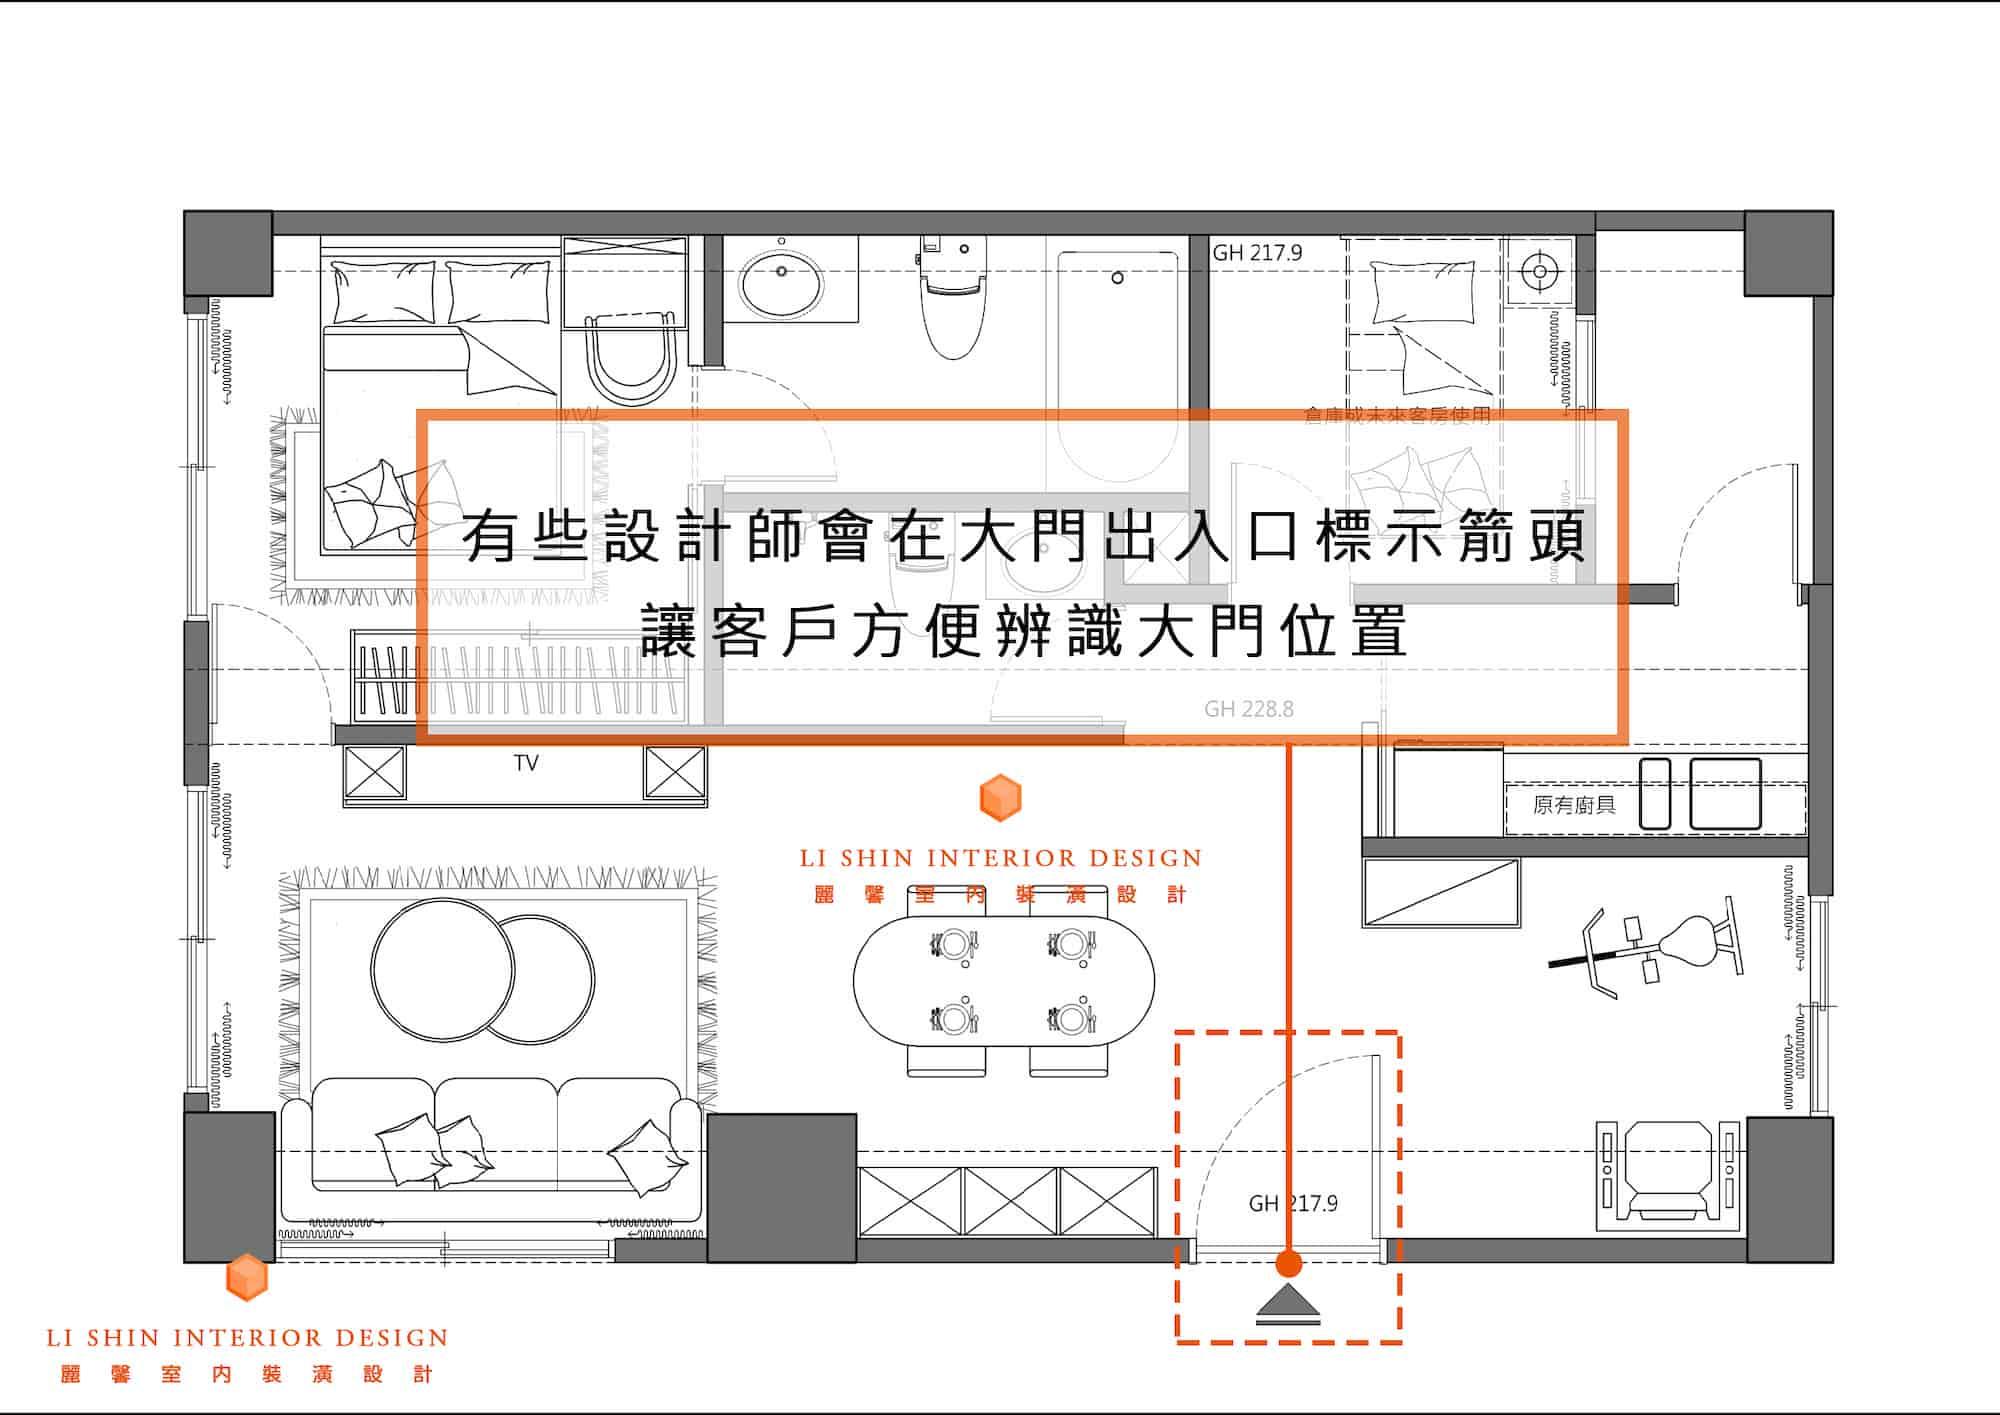 有些設計師會在大門出入口標示箭頭,讓客戶方便辨識大門的位置。